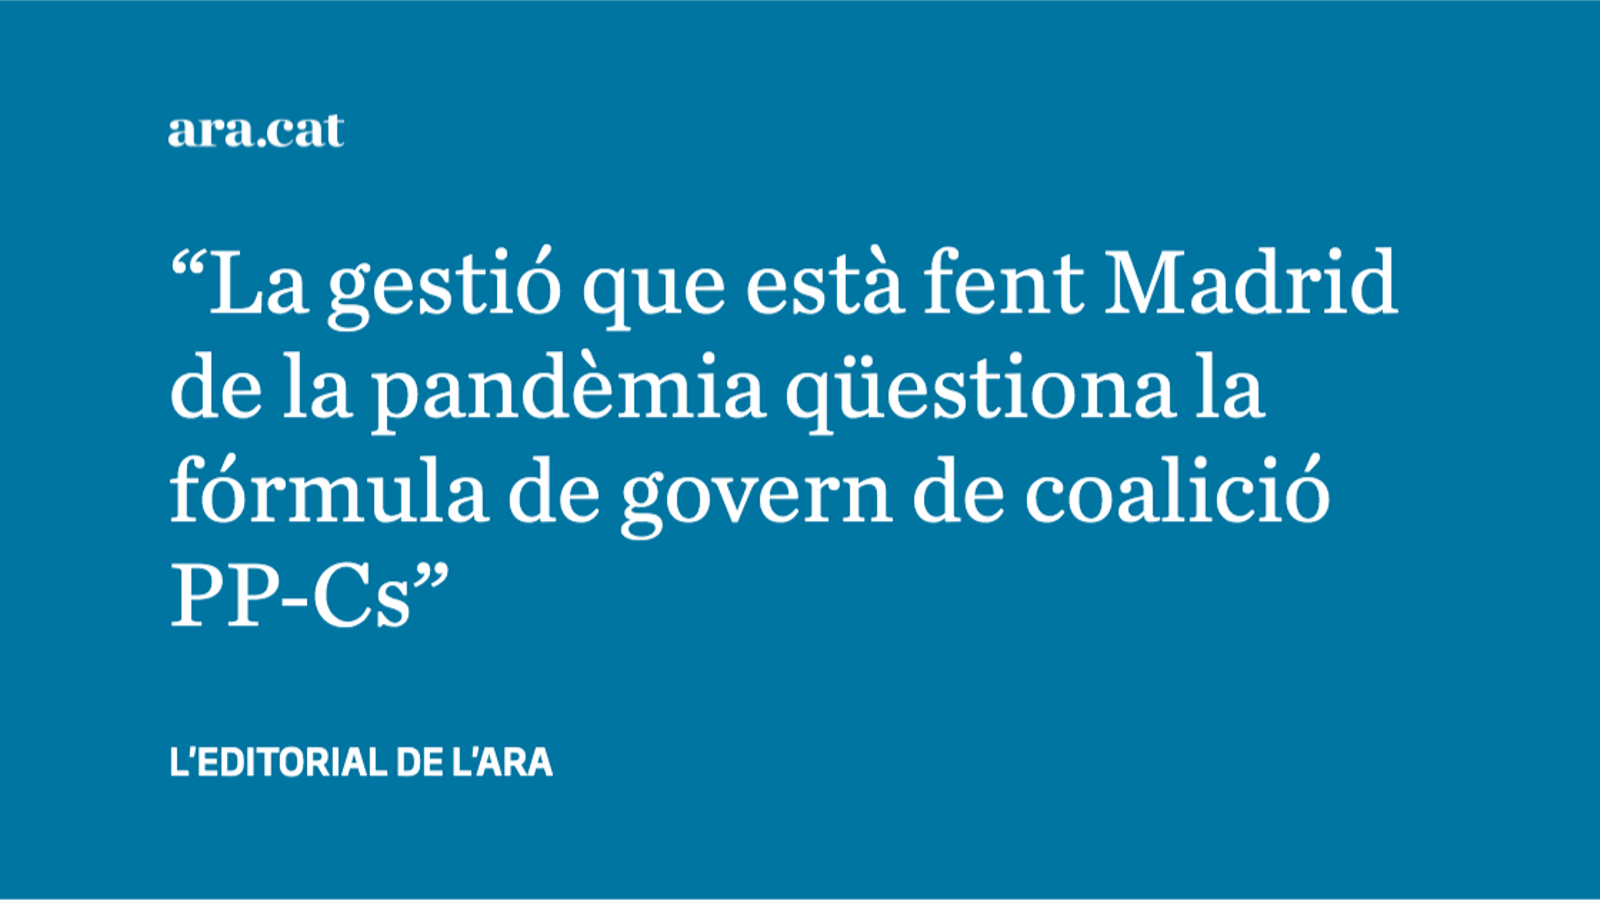 El fracàs de la gestió madrilenya de la pandèmia